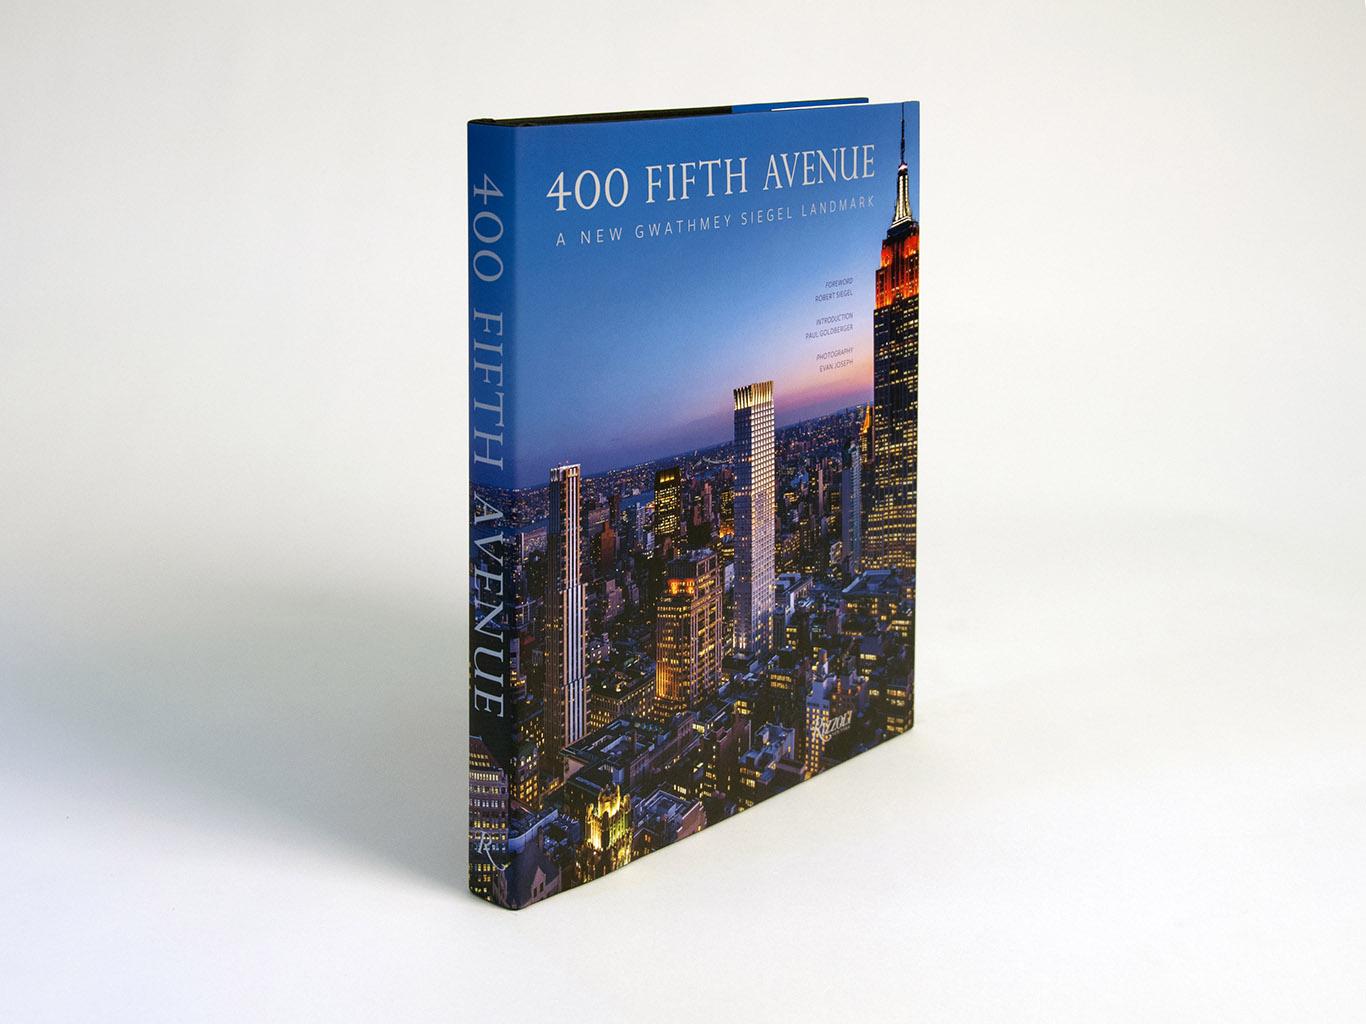 400 Fifth Avenue Gwathmey Siegel Book